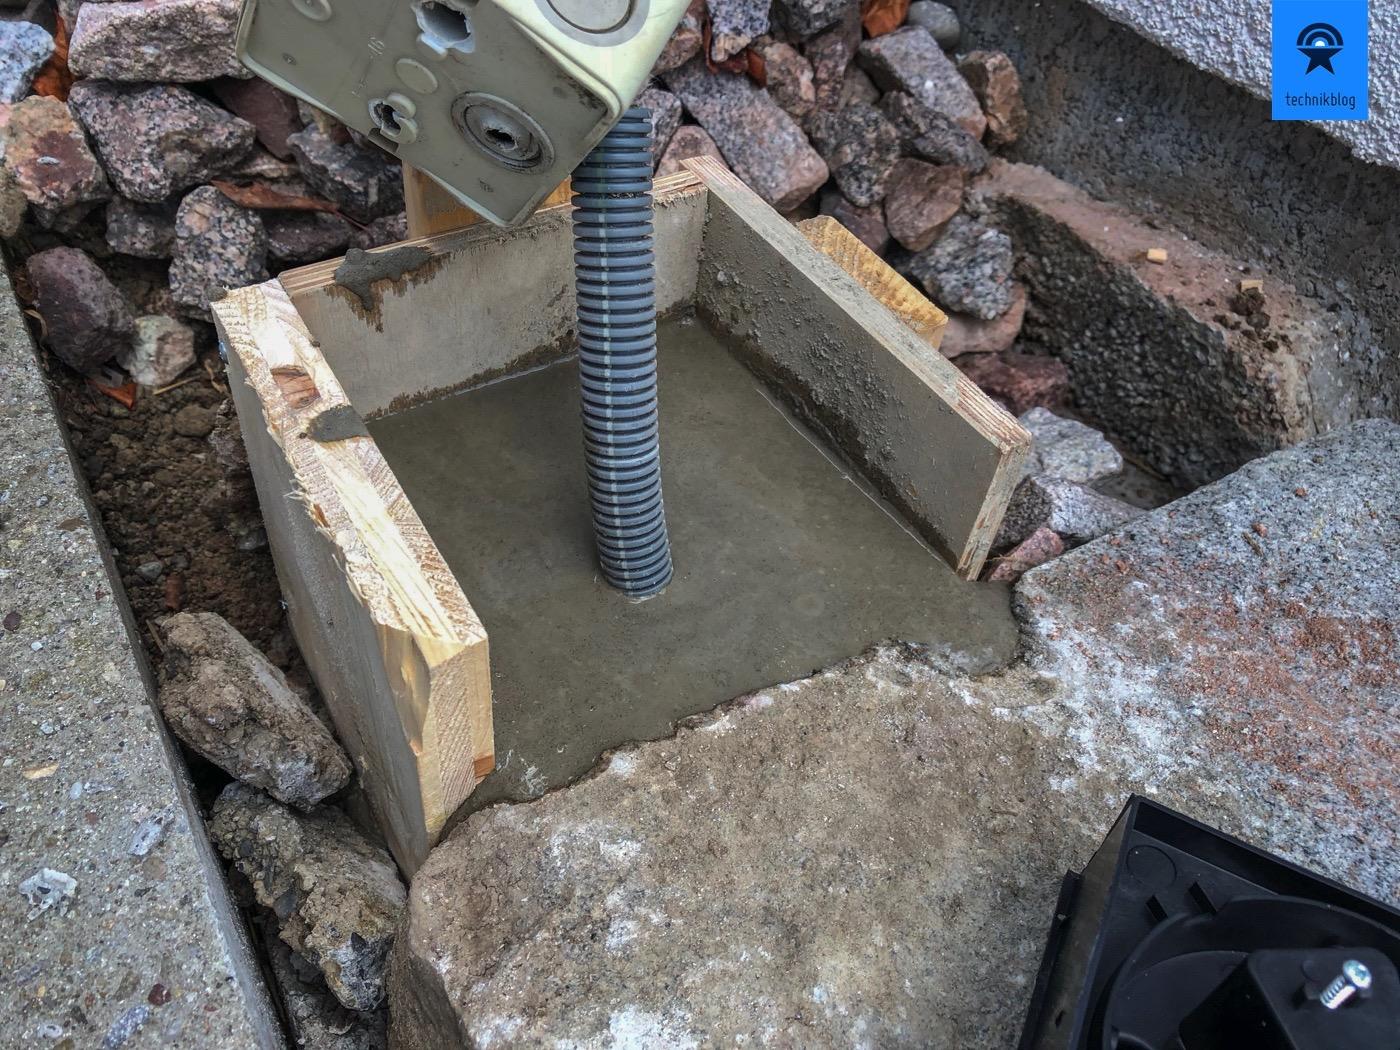 Kleine Schalung für den Betonsockel gebaut, darin Rohr mit Stromkabel verlegt